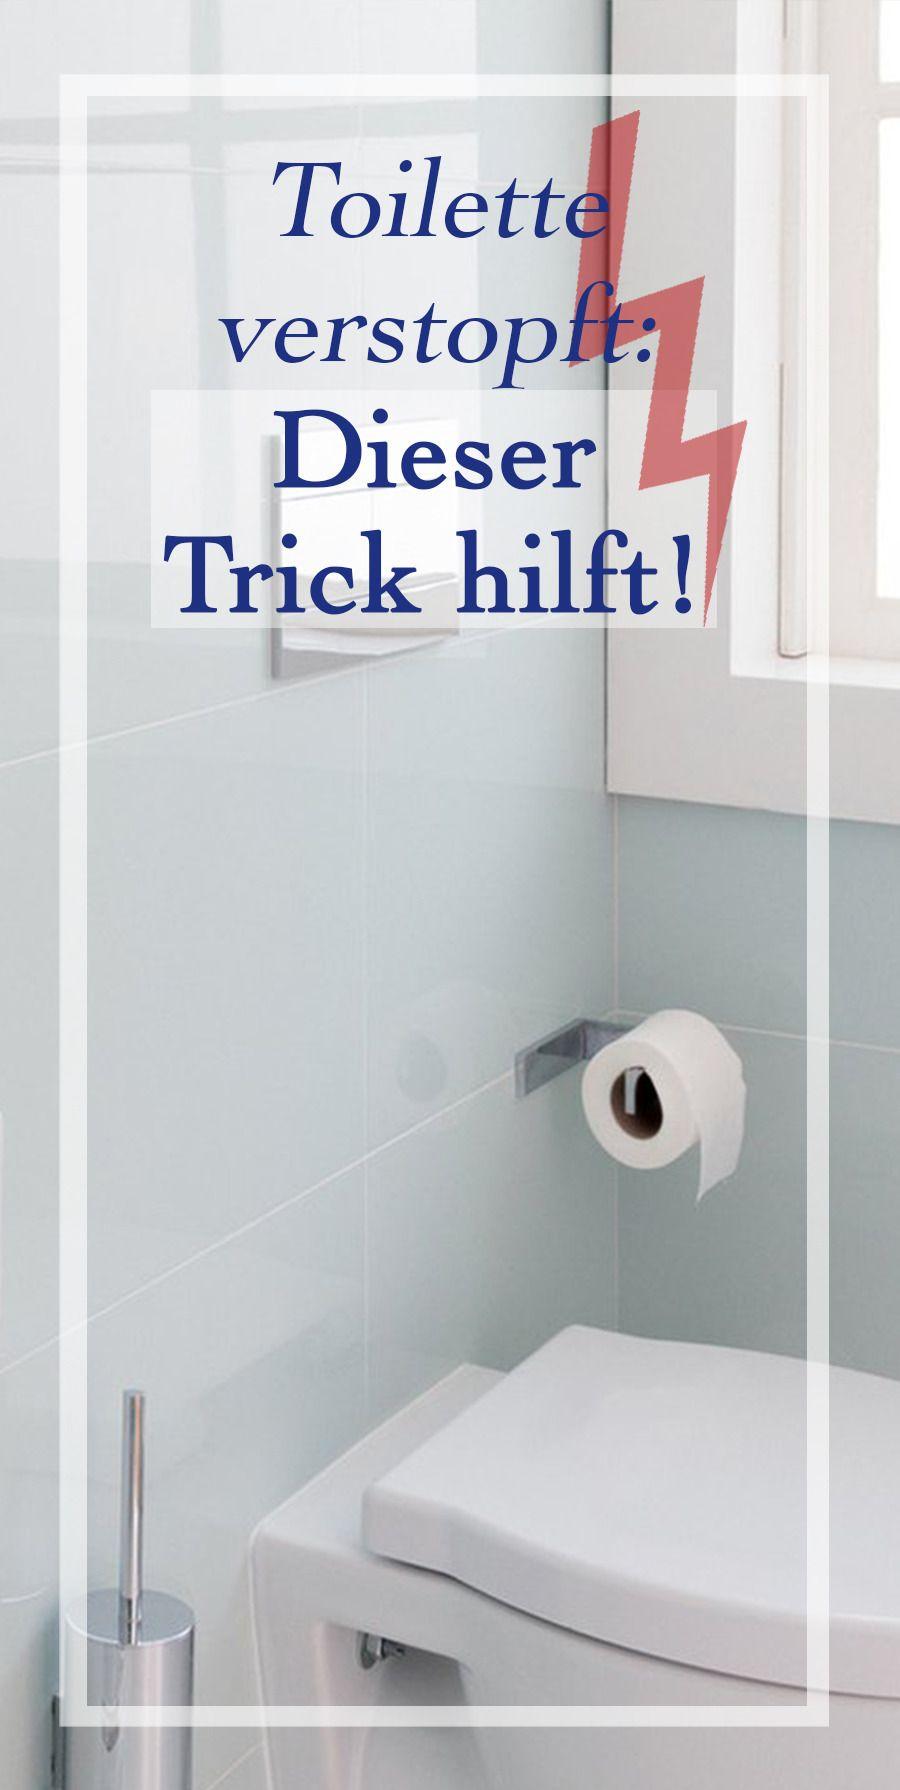 Toilette Verstopft Dieser Trick Hilft Toiletten Verstopfte Toilette Tricks